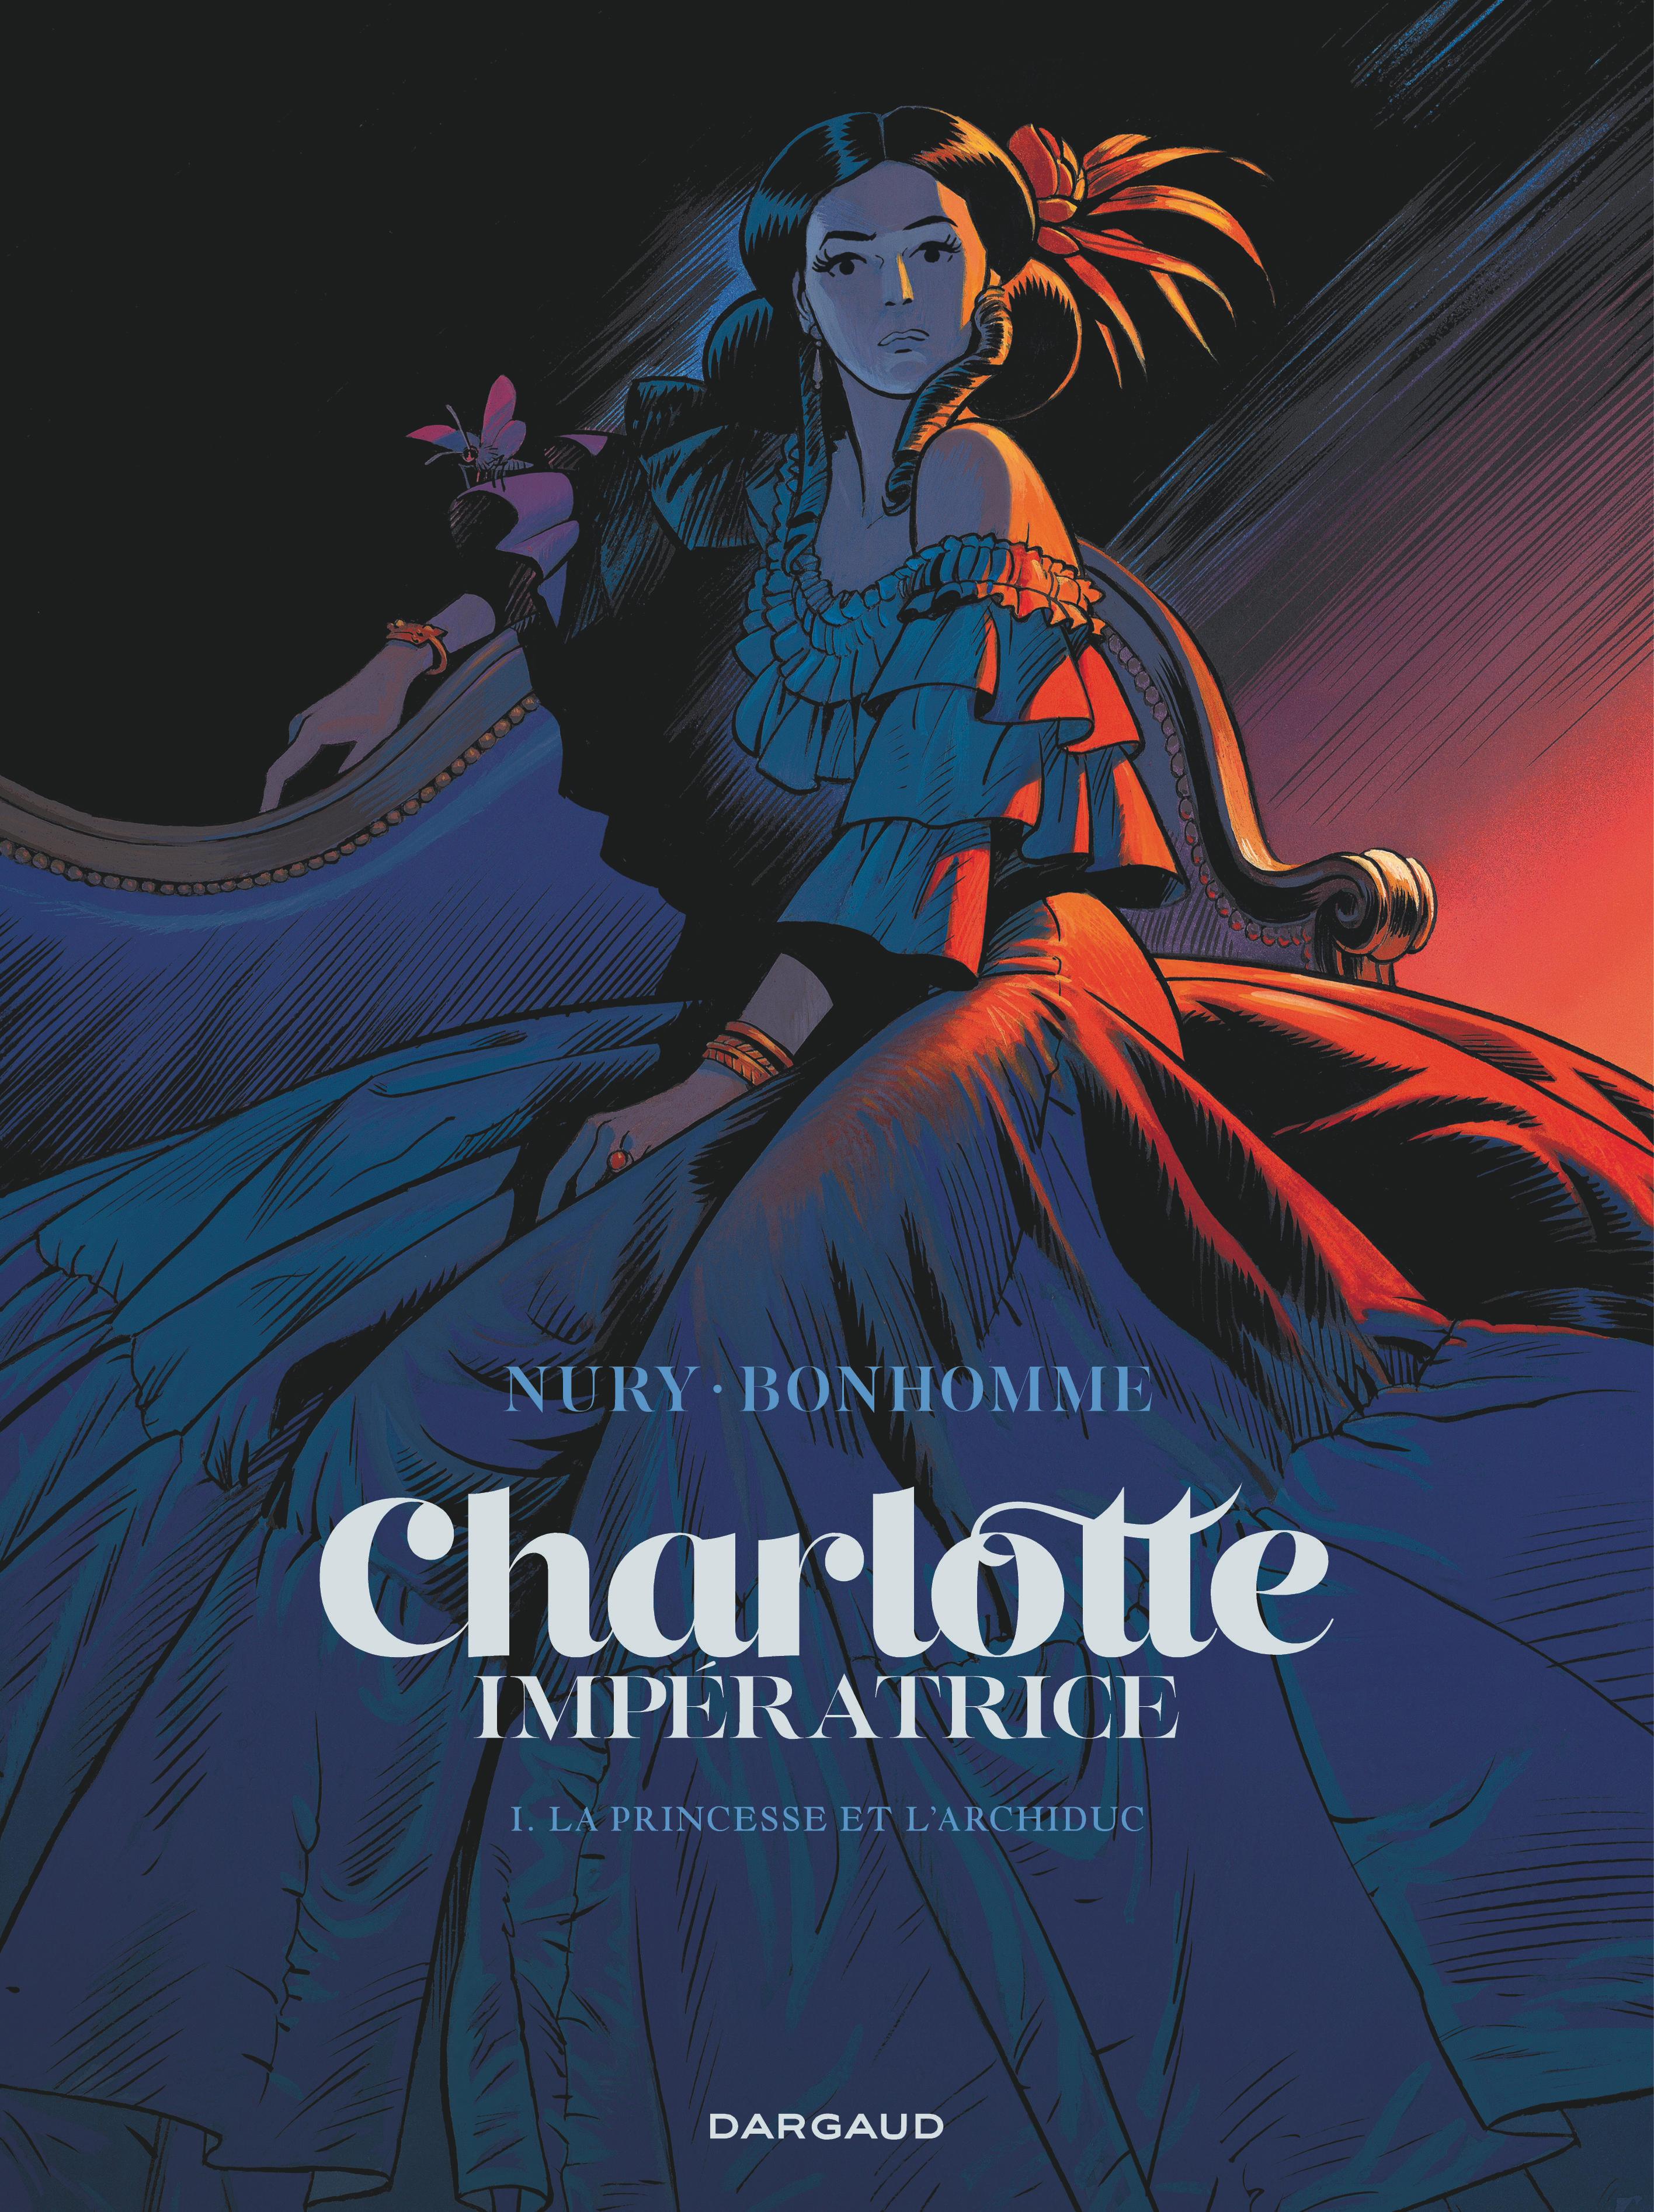 CHARLOTTE IMPERATRICE - CHARLOTTE IMPERATRICE  - TOME 1 - LA PRINCESSE ET L'ARCHIDUC